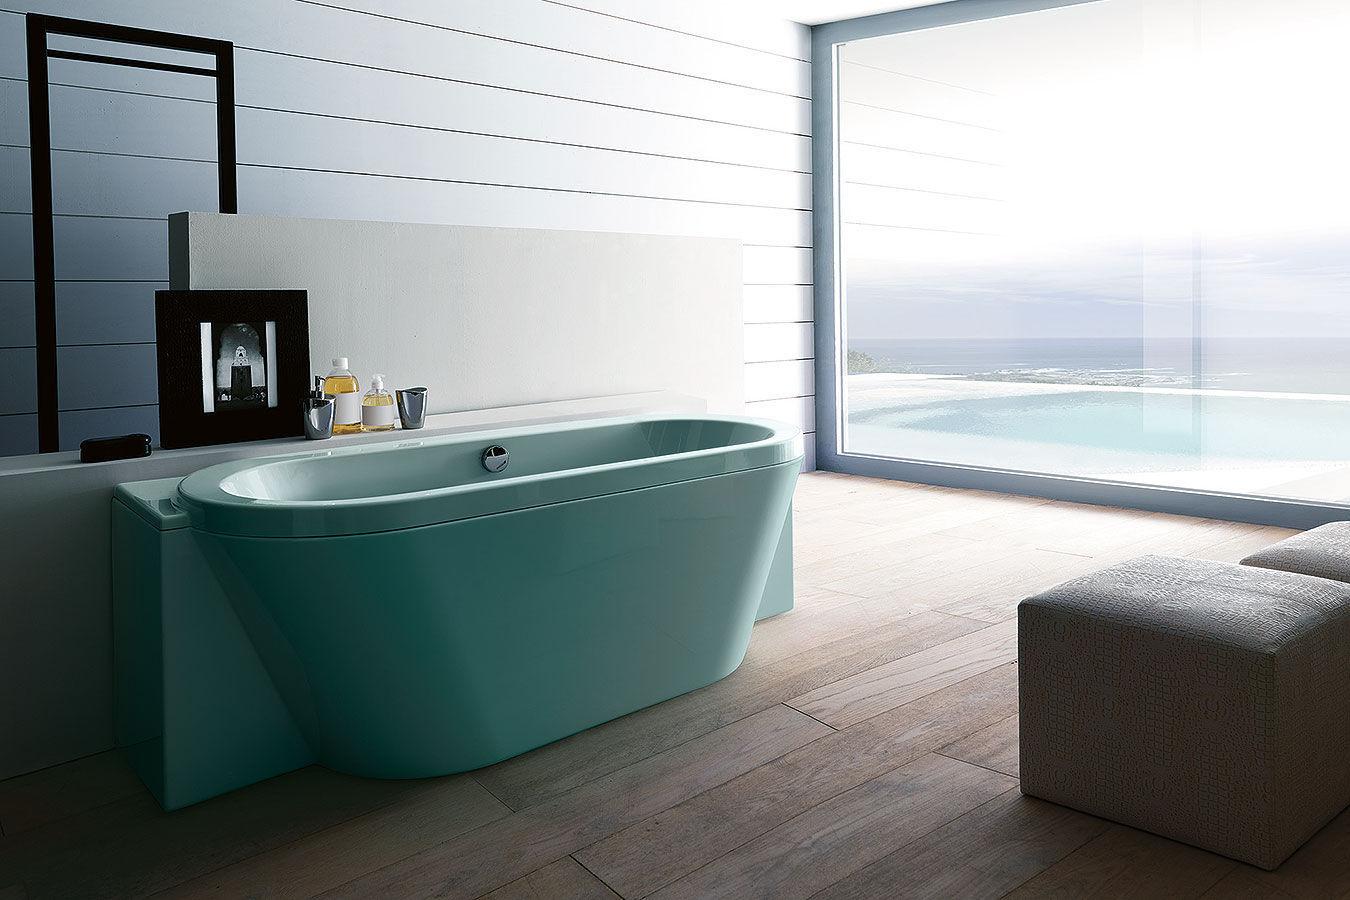 Vasca Da Bagno Incasso Ovale : Vasca da bagno da incasso ovale in acrilico idromassaggio